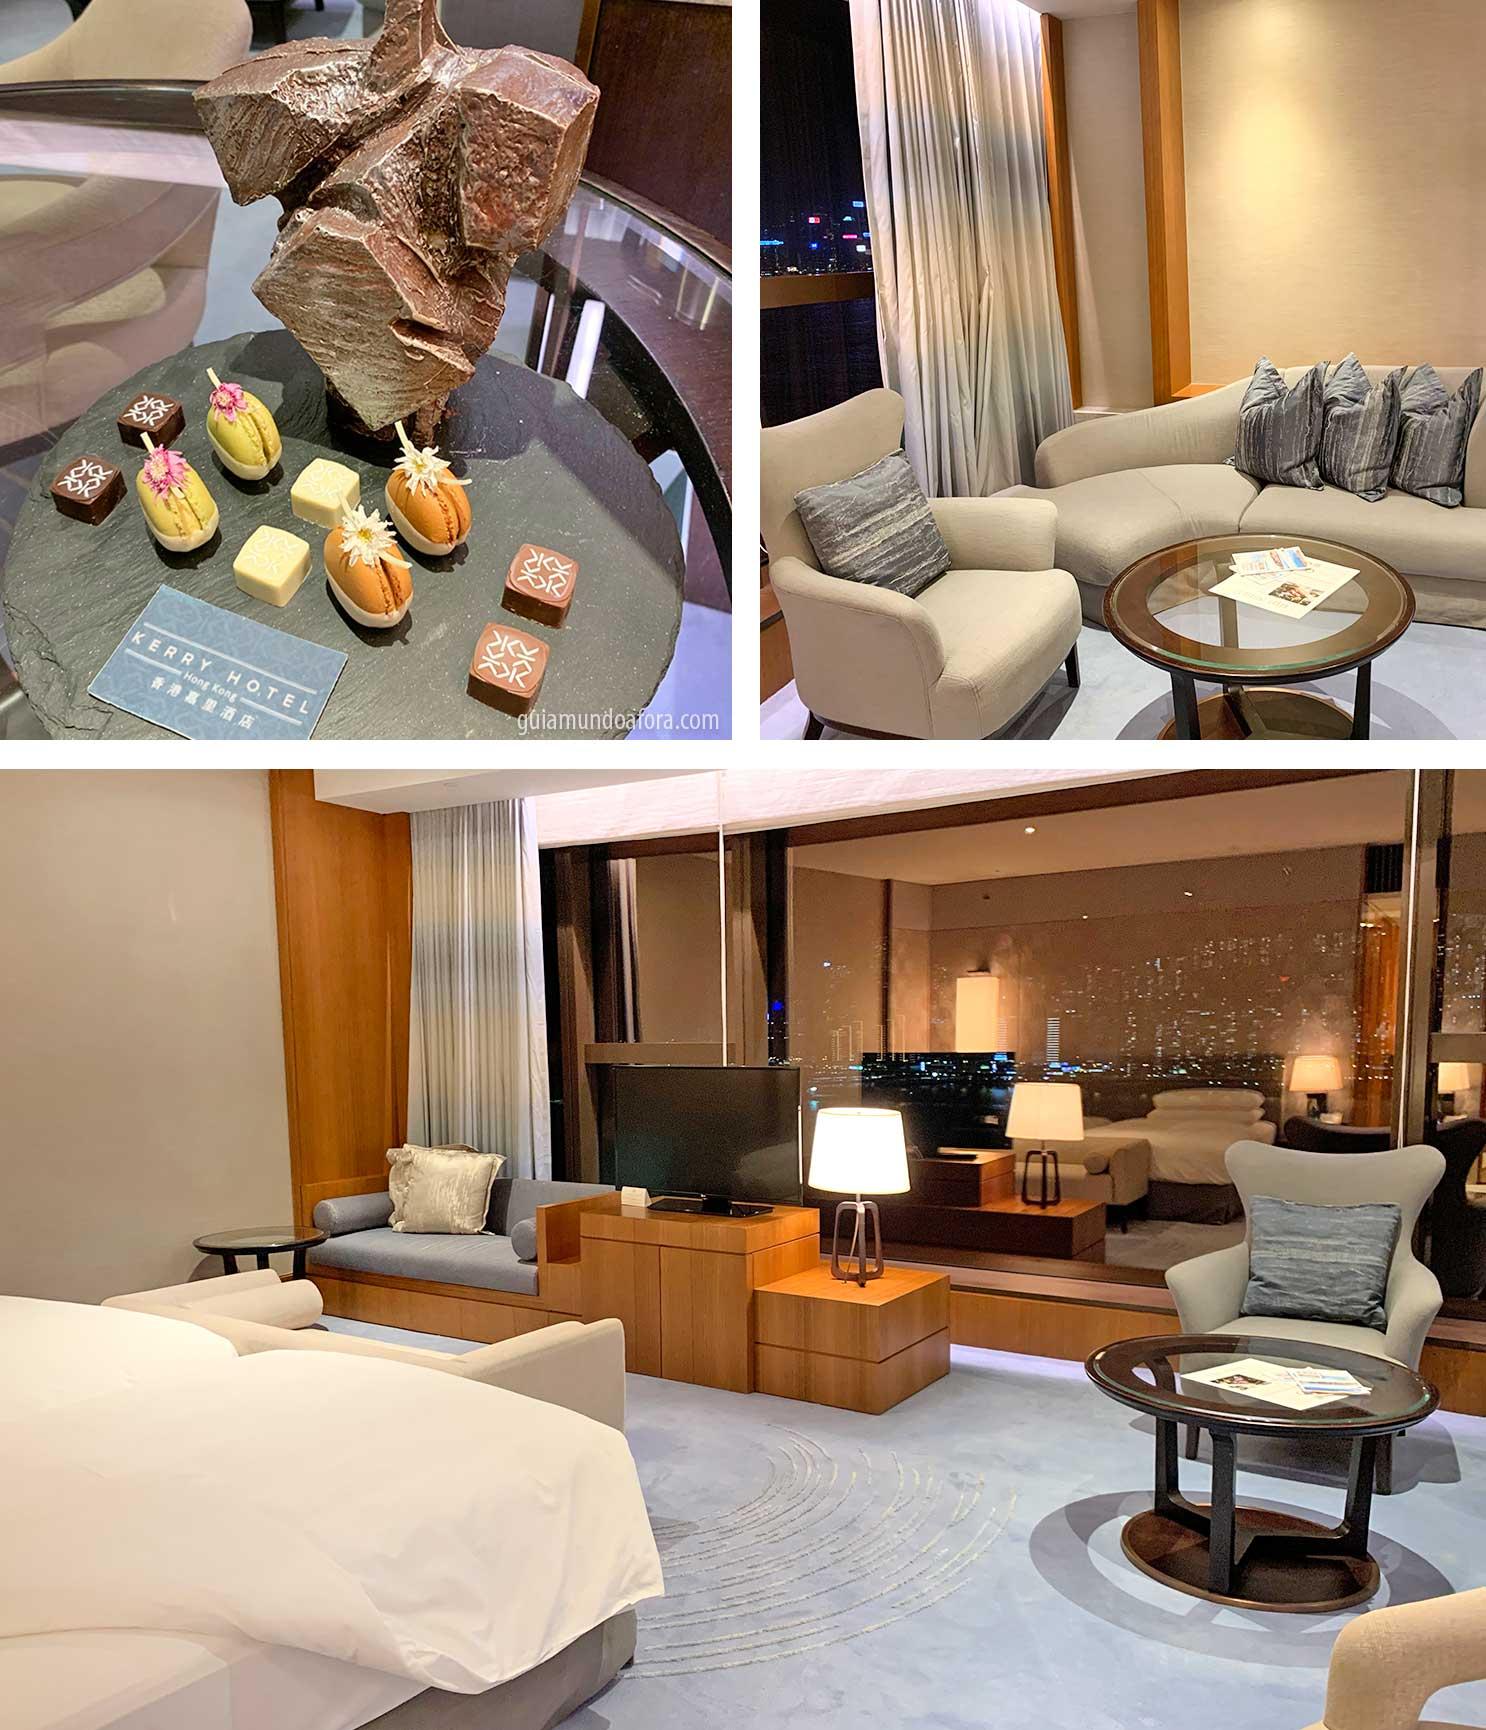 quartos Kerry Hotel